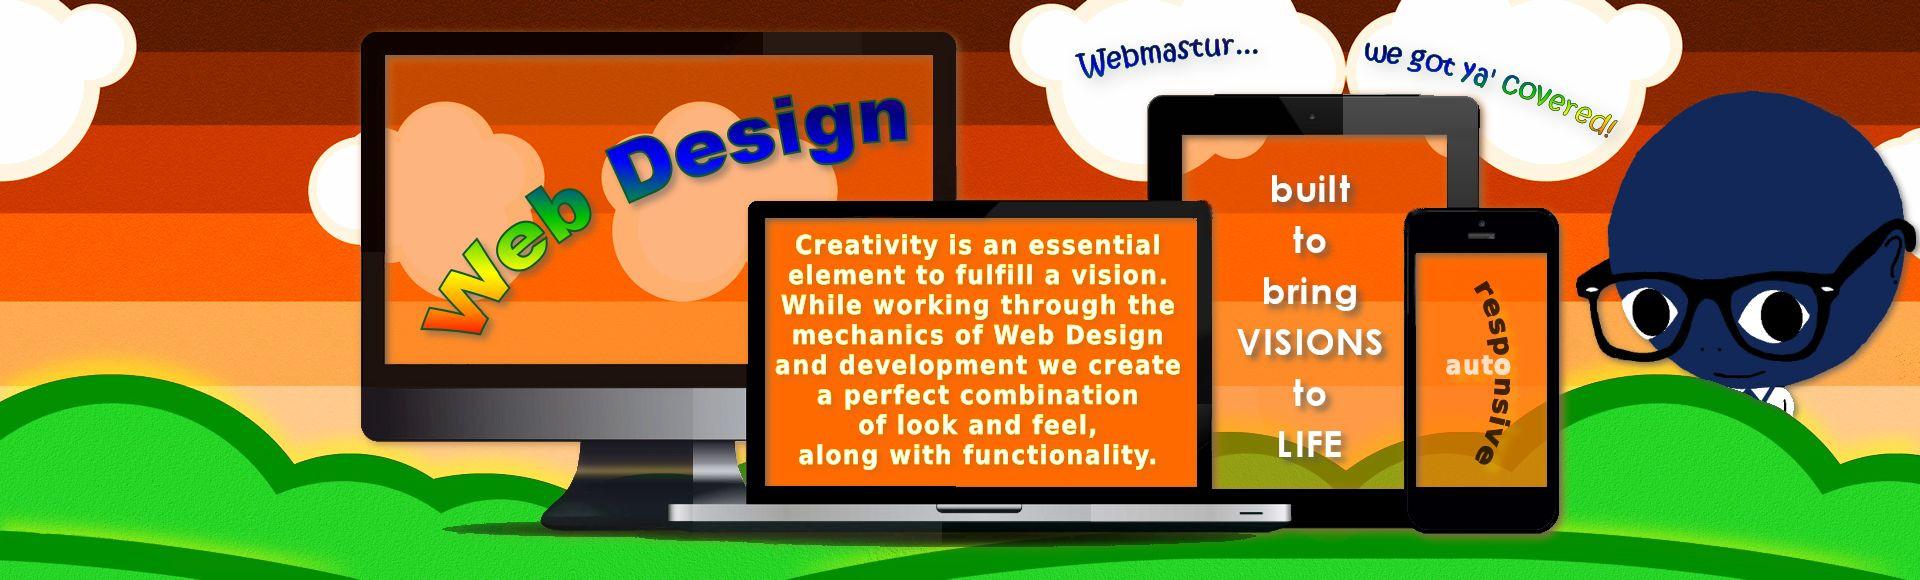 webmastur slide web design